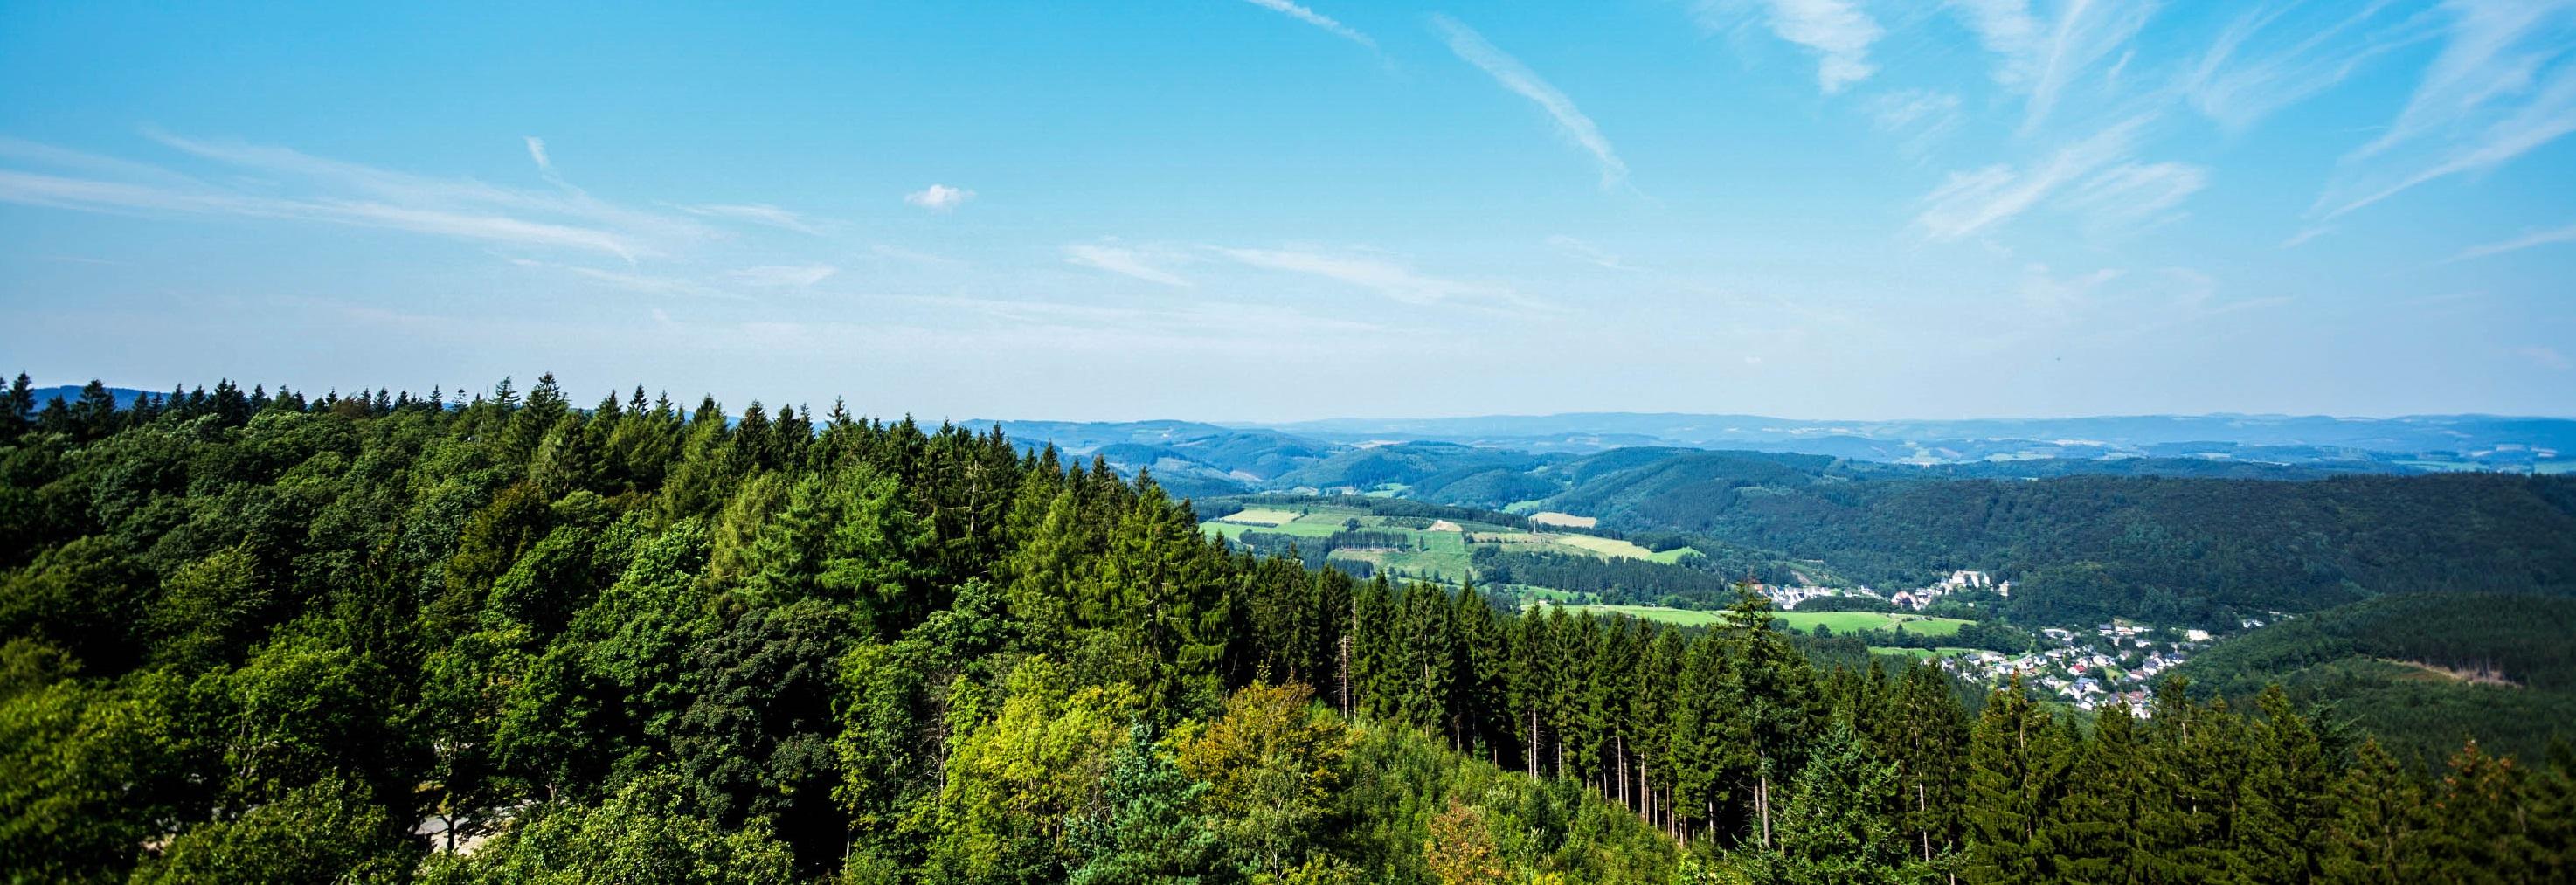 Heuvels in het Sauerland